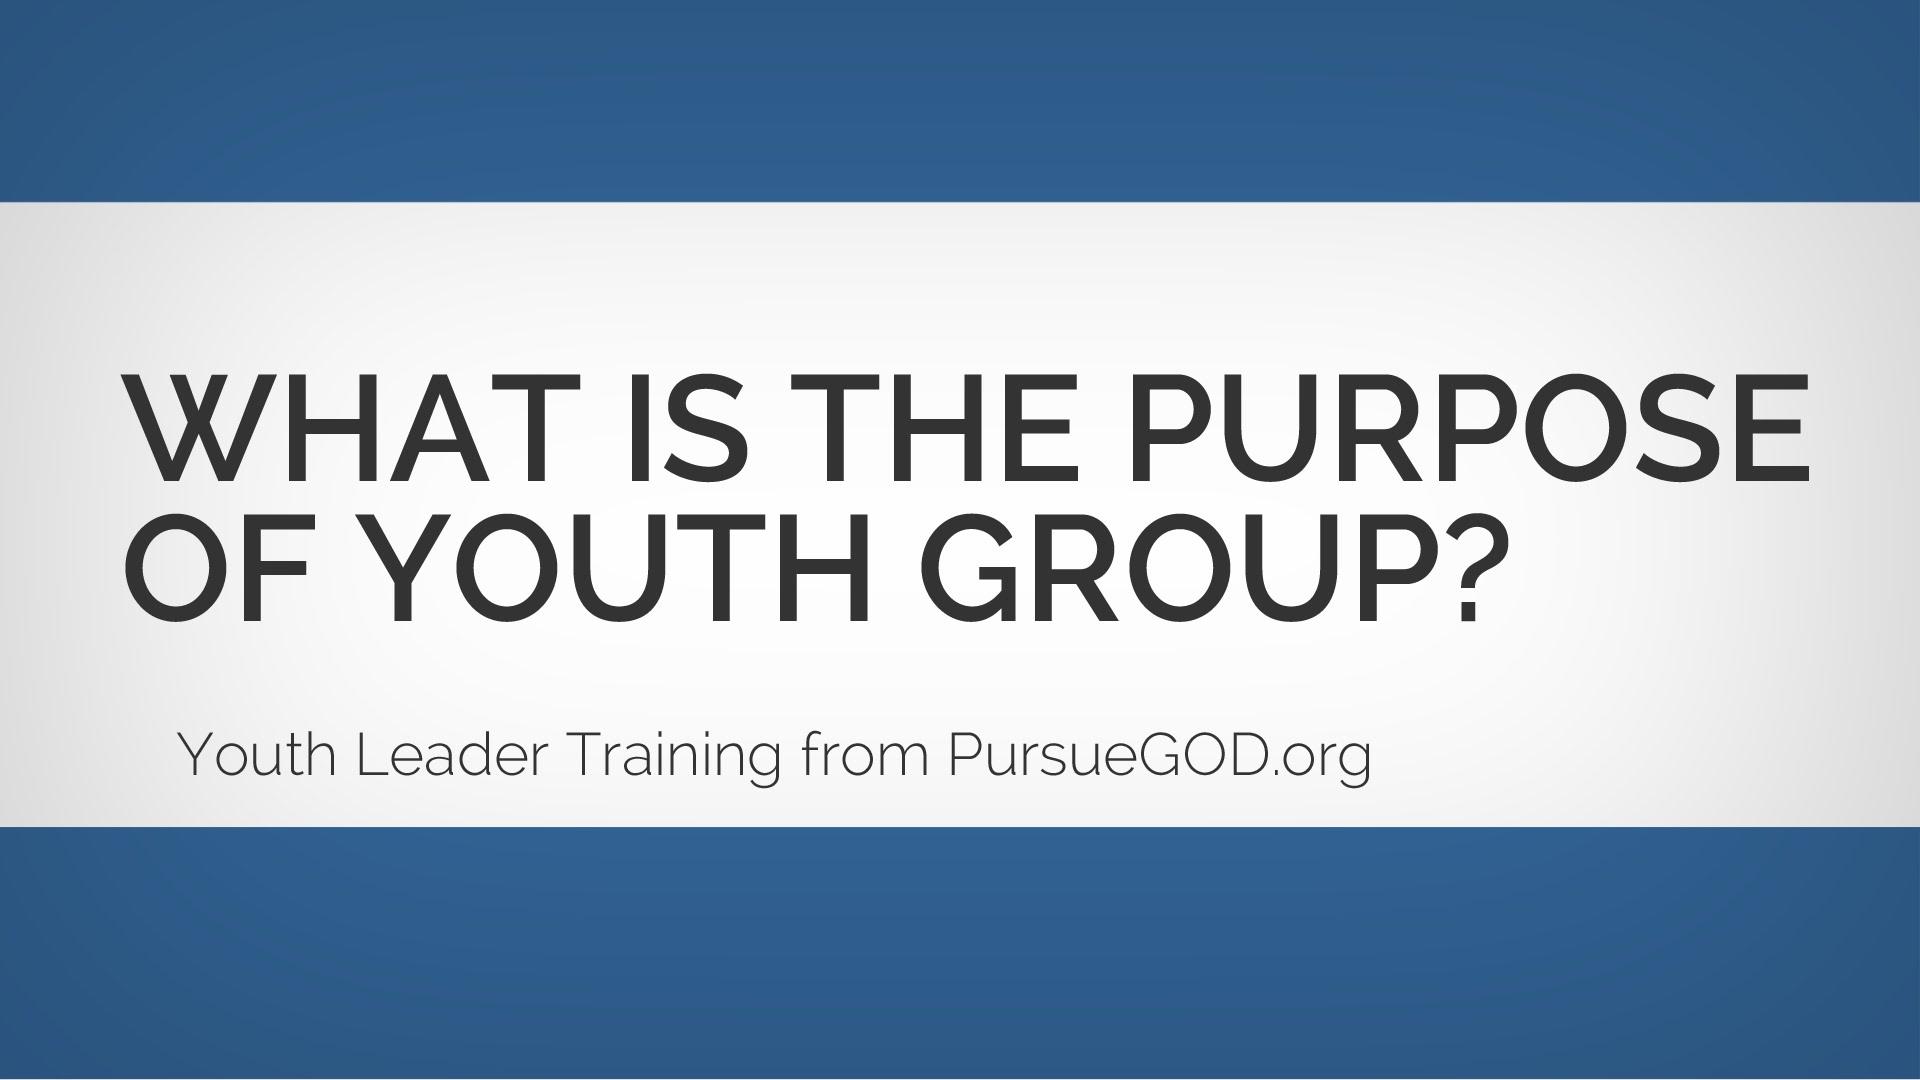 青年リーダー教育:青年グループの目的は何ですか?